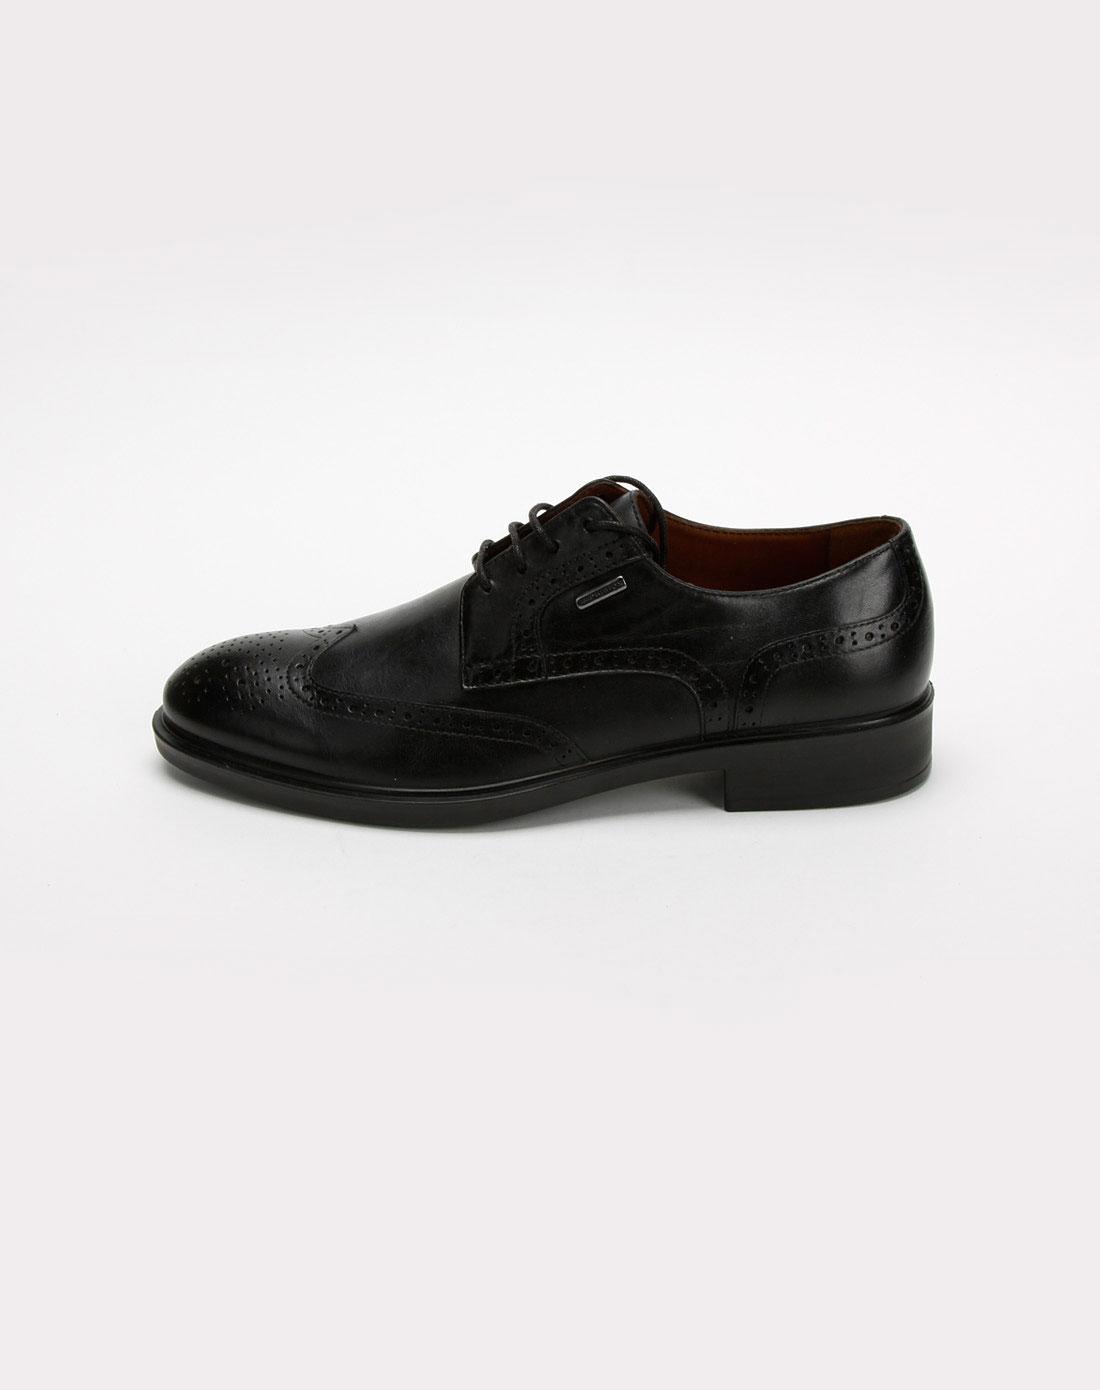 健乐士geox男款黑色牛皮绑带休闲皮鞋